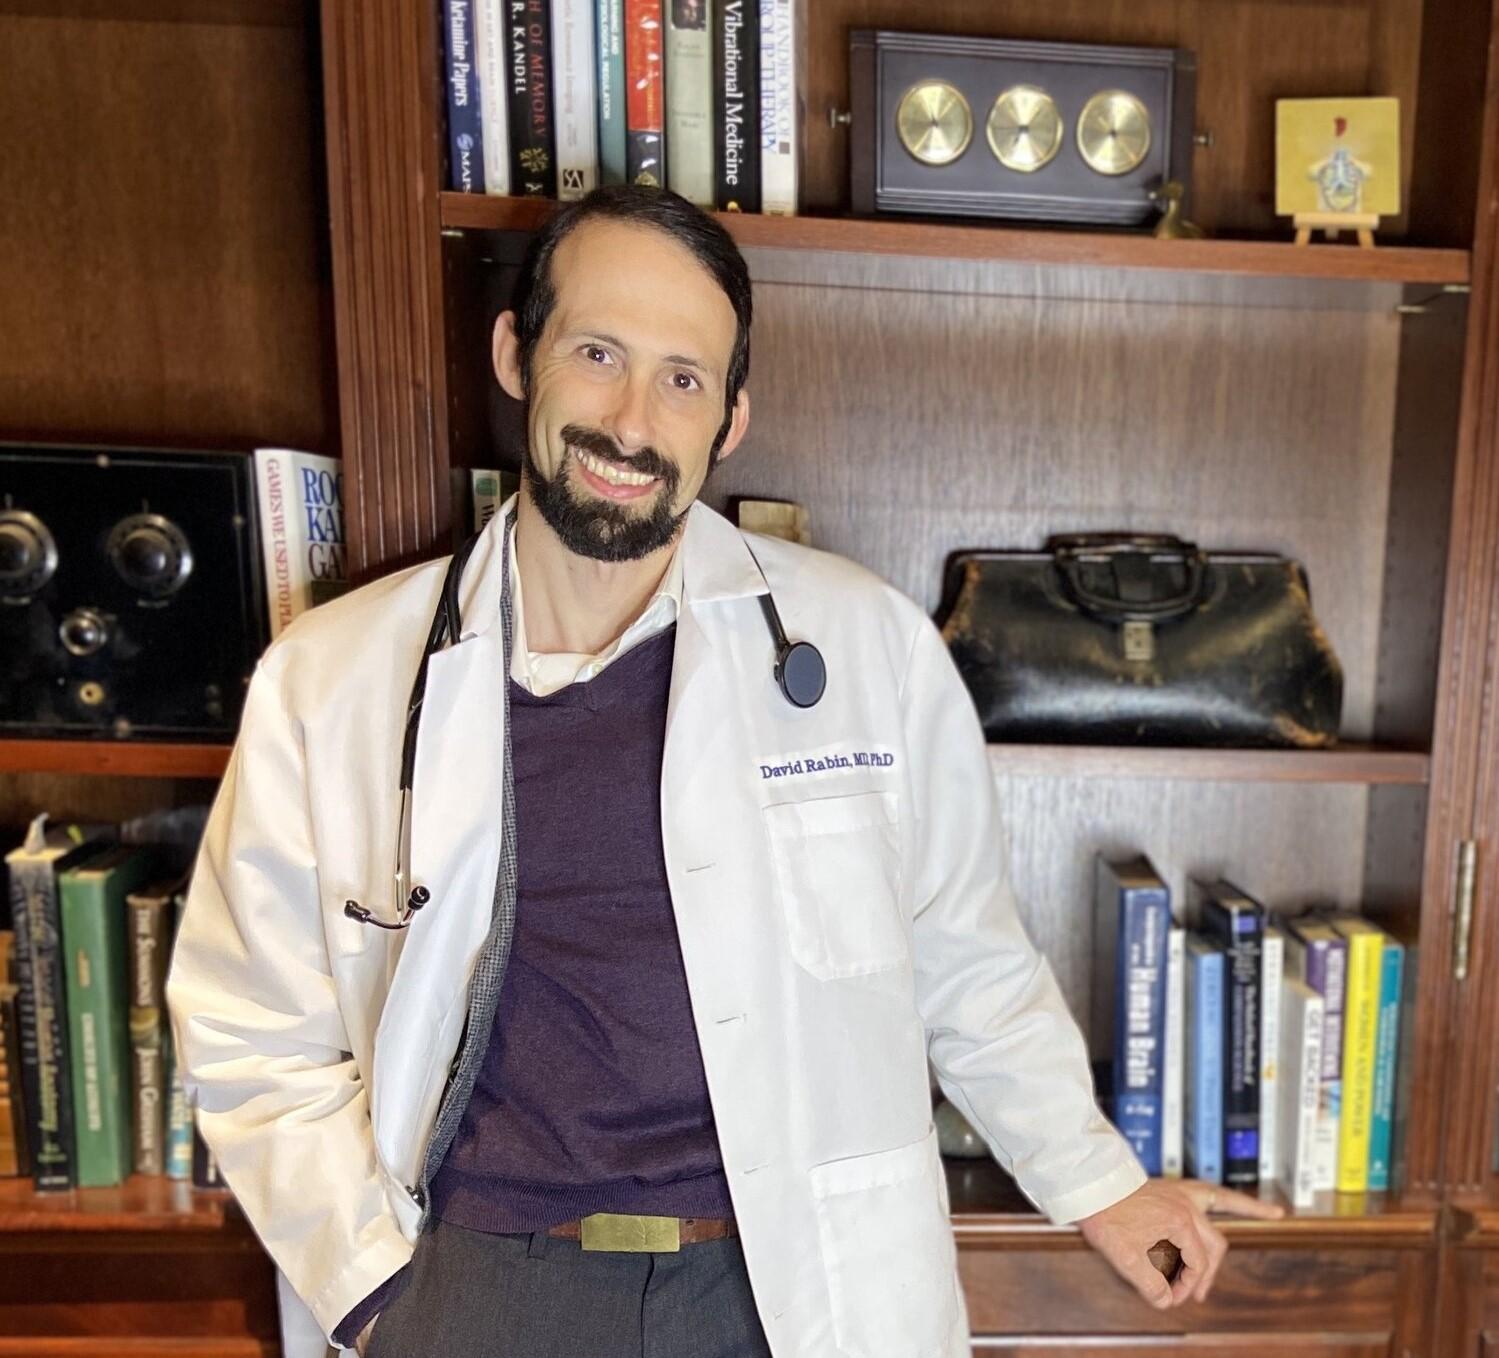 Dr. David Rabin [Episode 429]